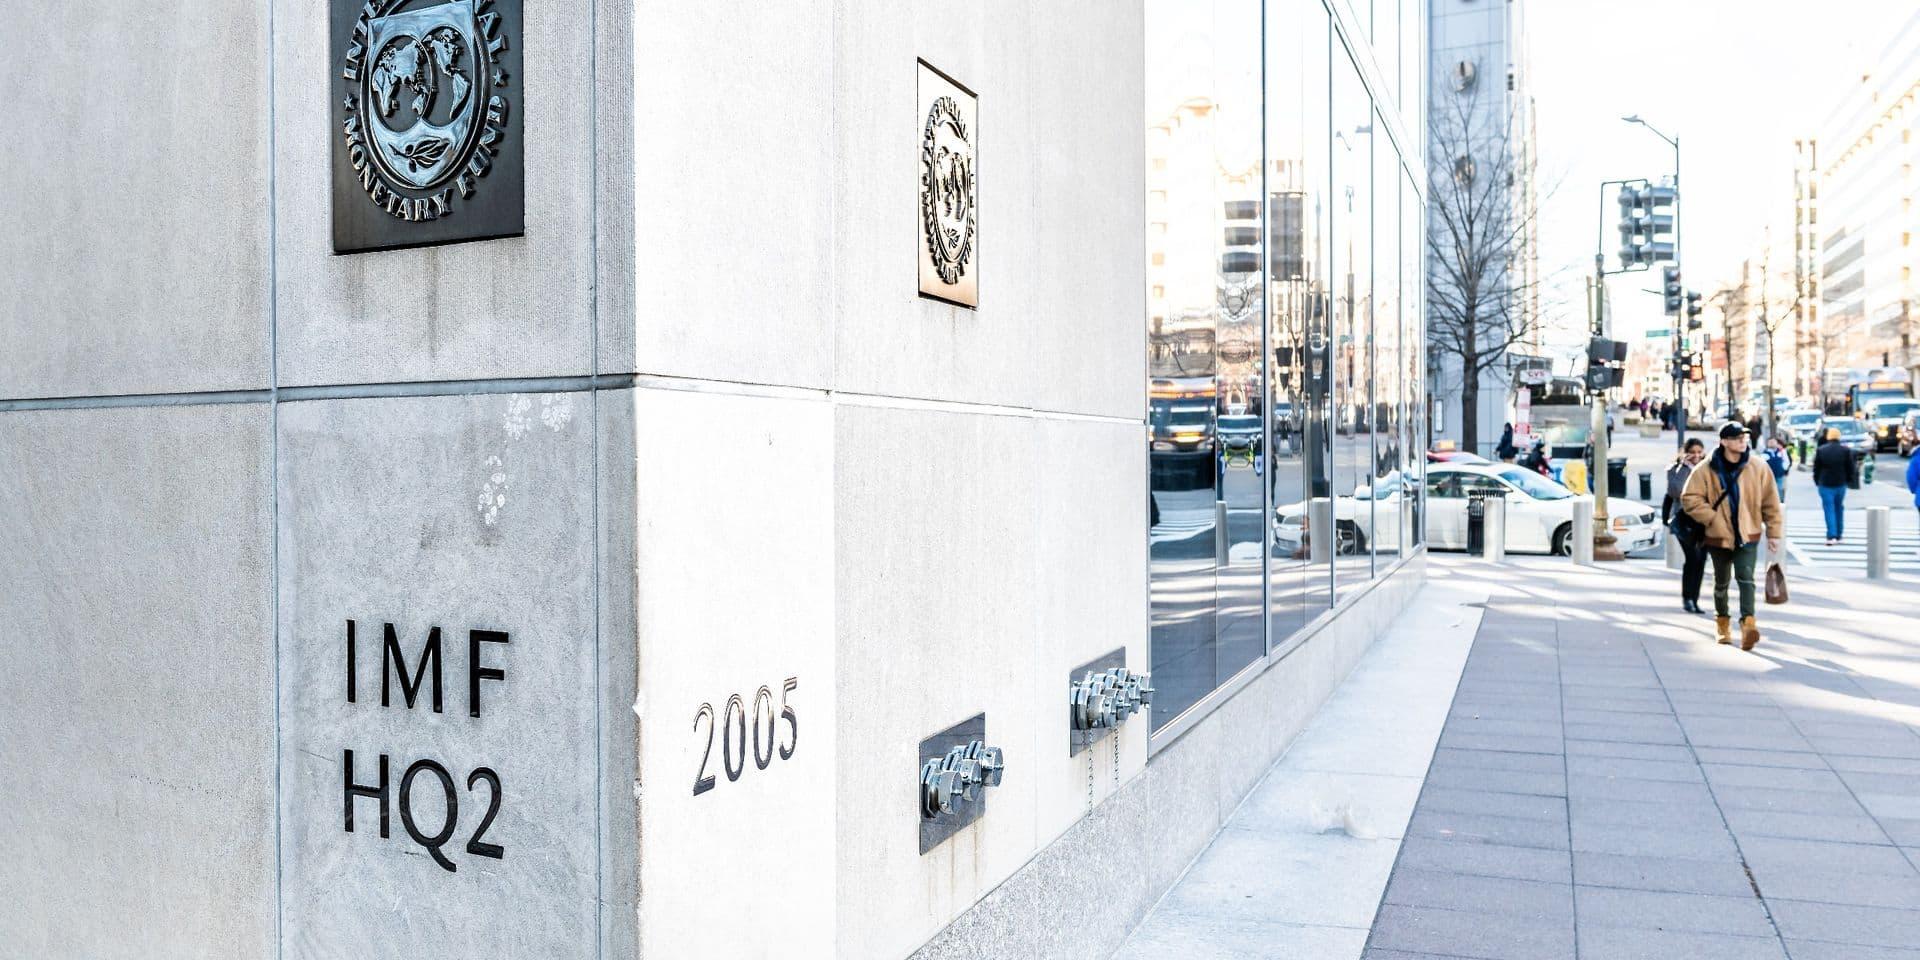 Le FMI appelle la Chine à adopter un nouveau modèle économique